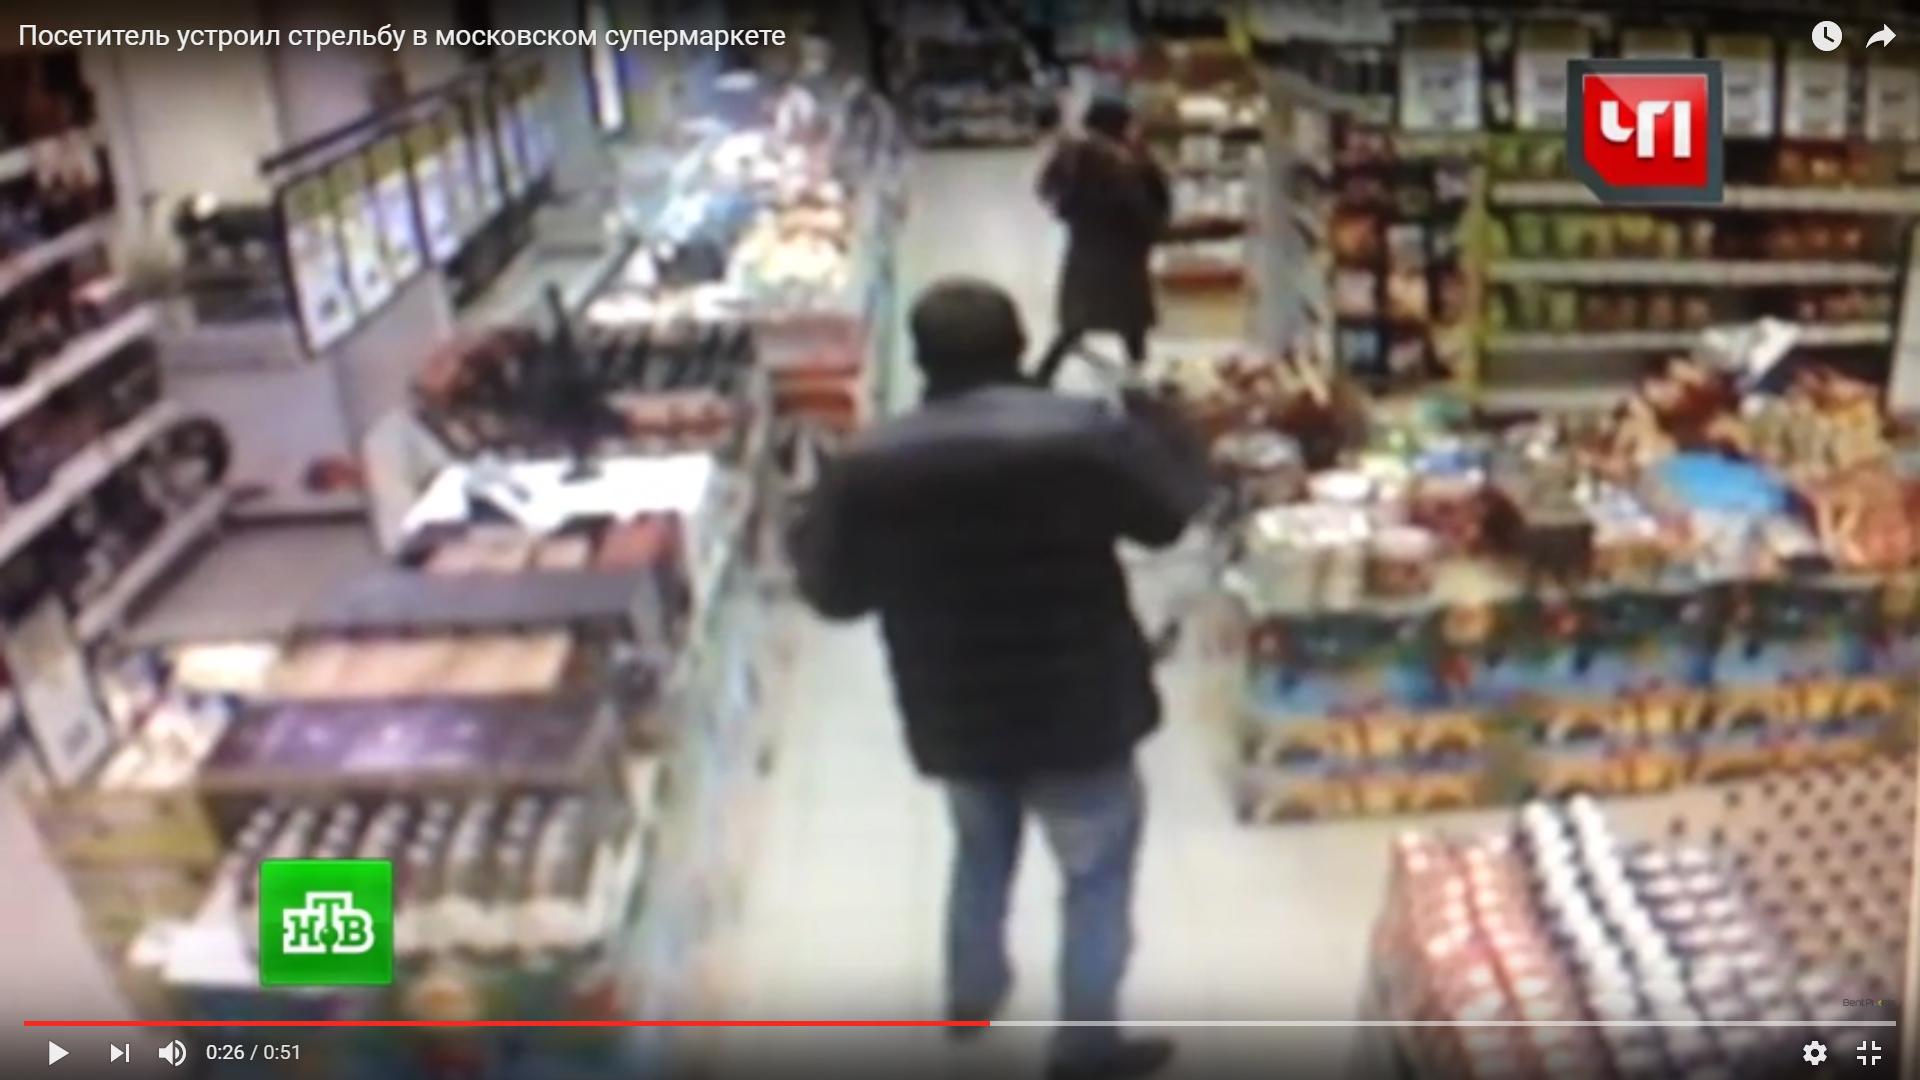 Взагалі розуму немає: буйний відвідувач влаштував перестрілку з пневматичної зброї у супермаркеті (ВІДЕО)